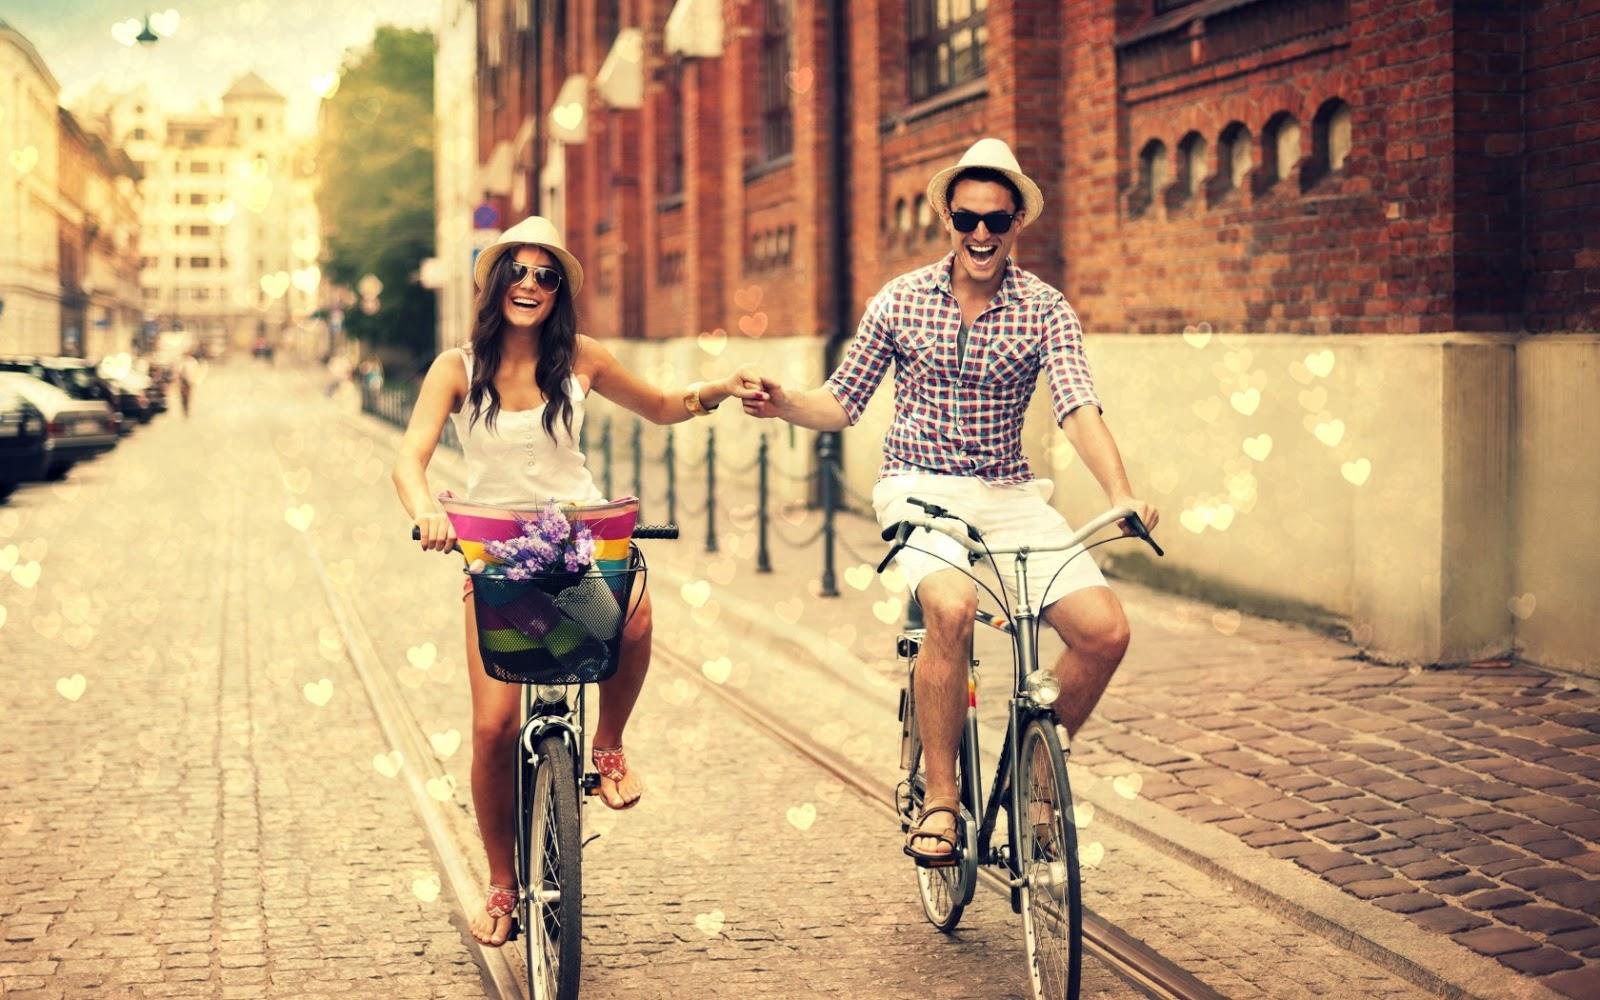 fotos-de-parejas-alegres